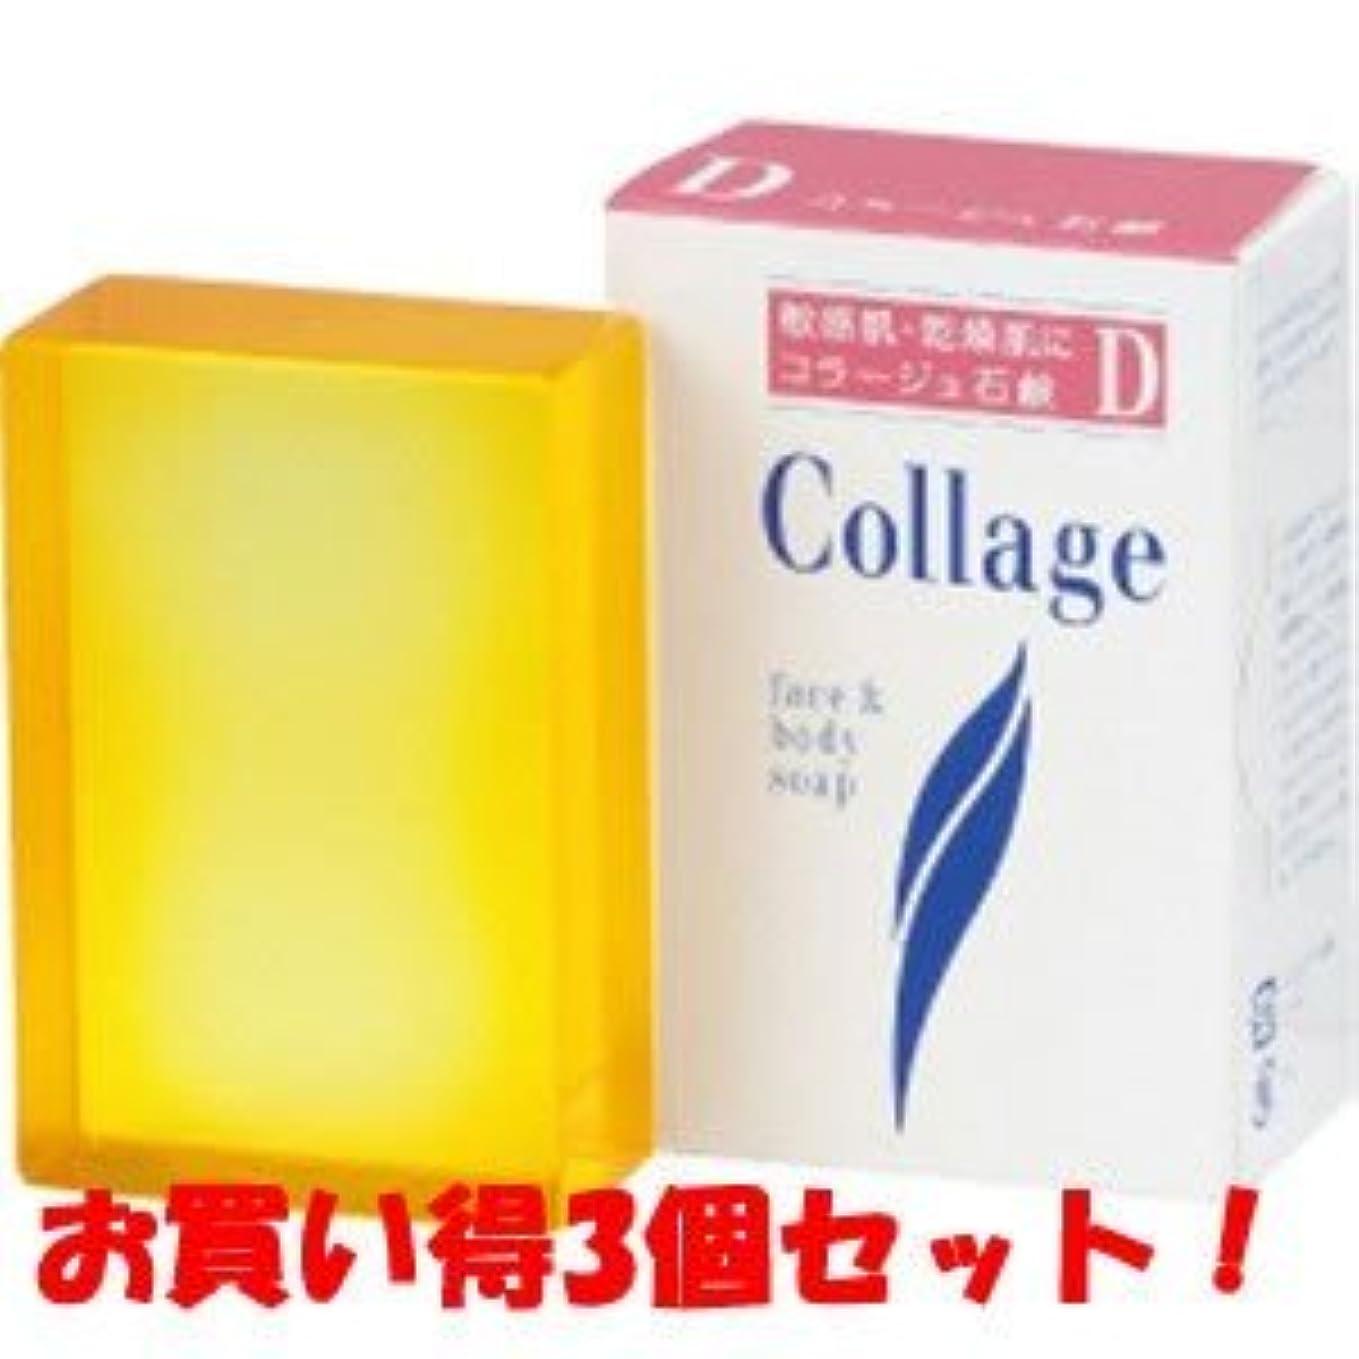 シールド木太陽(持田ヘルスケア)コラージュD乾性肌用石鹸 100g(お買い得3個セット)